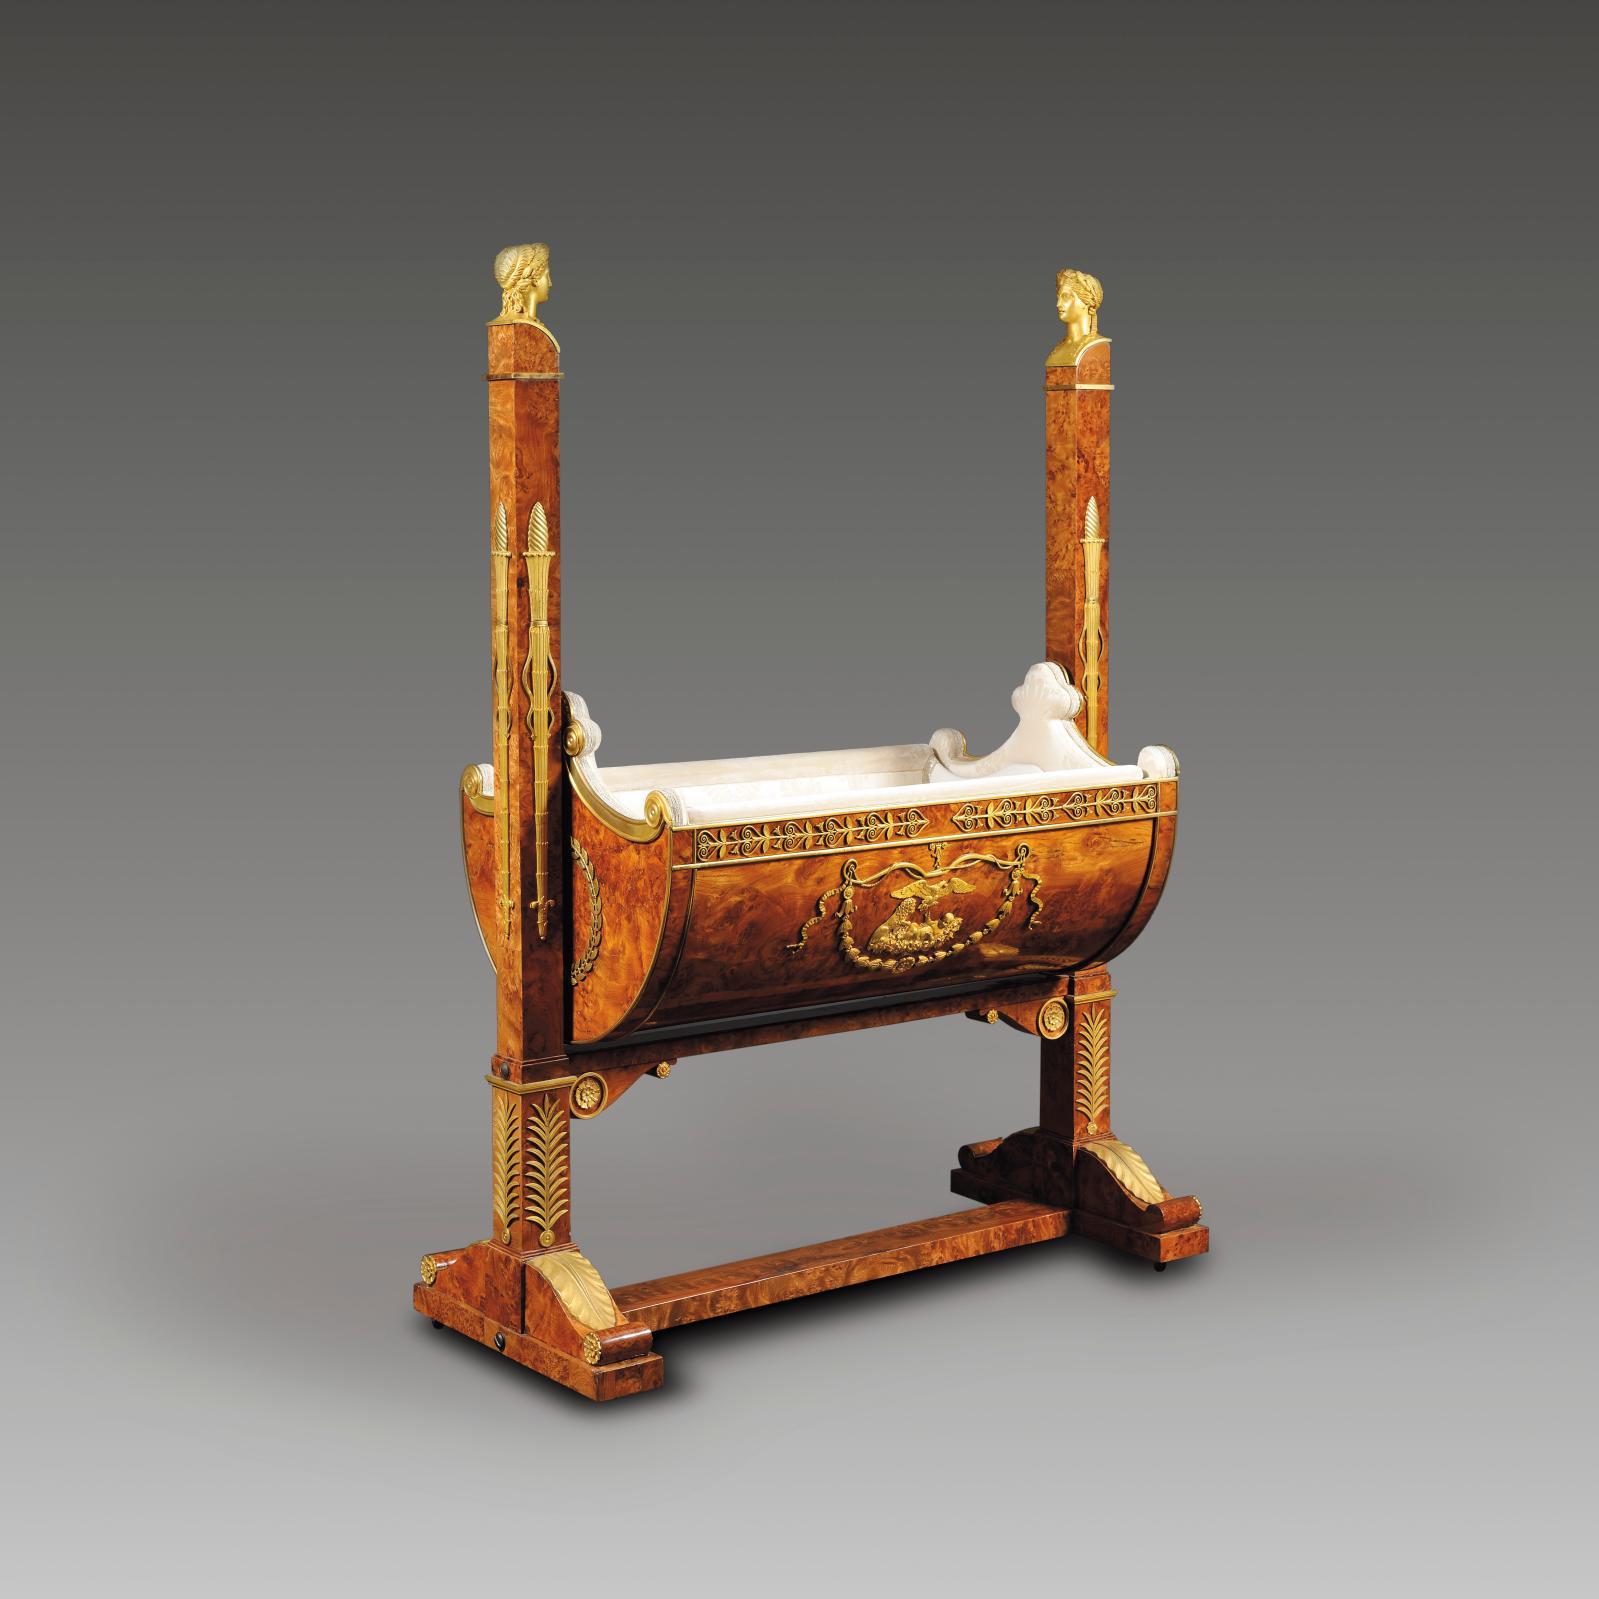 257600€ F.-H.-G. Jacob-Desmalter, d'après les dessins de C.Percier. Bercelonnette en placage de loupe d'orme, richement décorée de bronzes ciselés